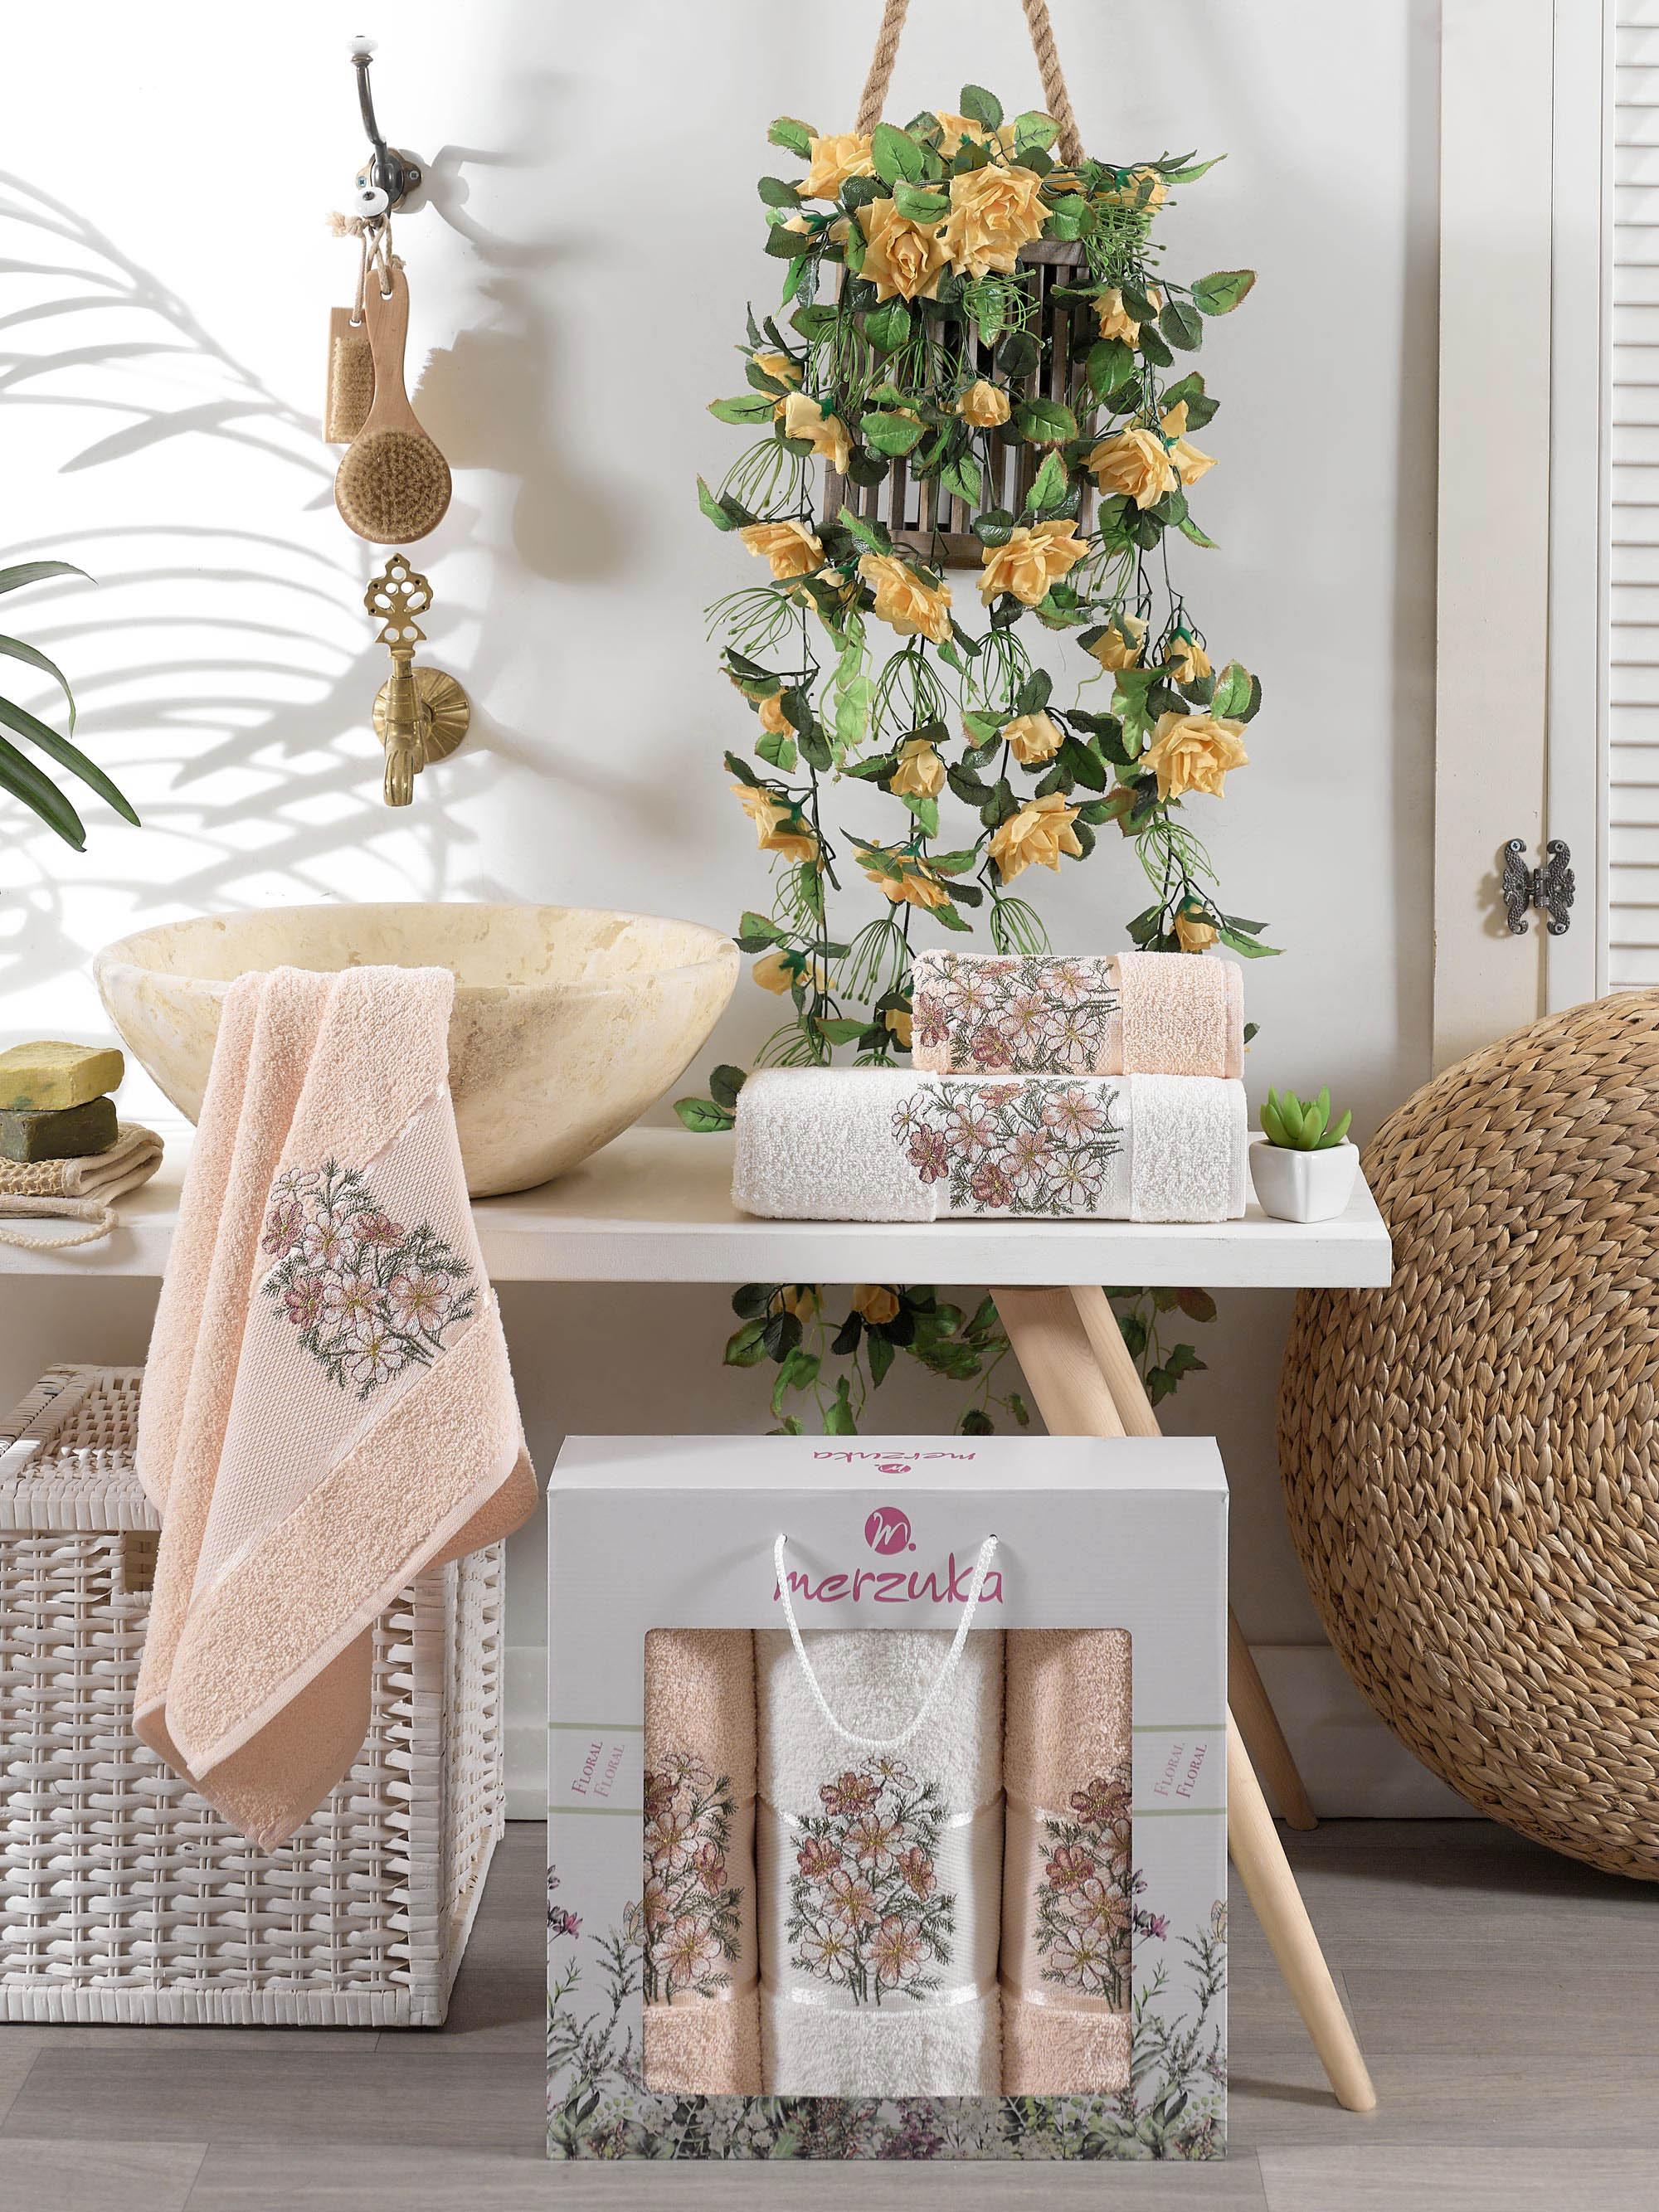 Купить Полотенца Oran Merzuka, Полотенце Floral Цвет: Пудра (50х80 см - 2 шт, 70х130 см), Турция, Махра